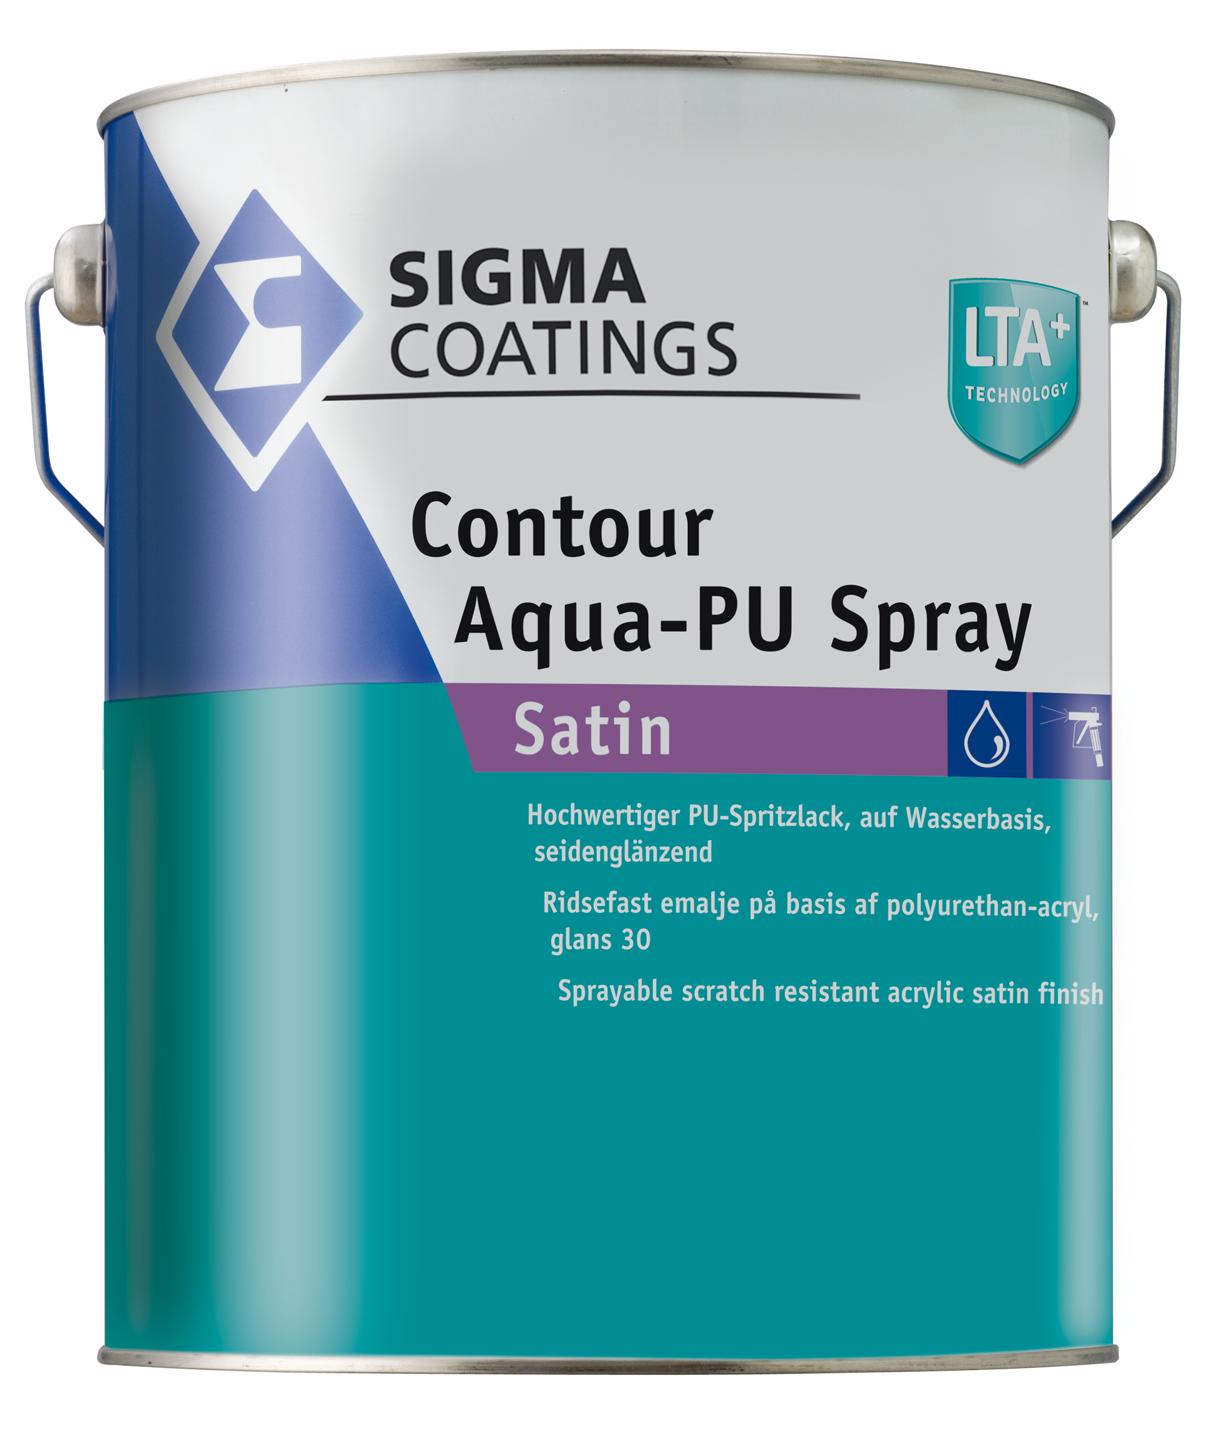 Contour Aqua-PU Spray Satin